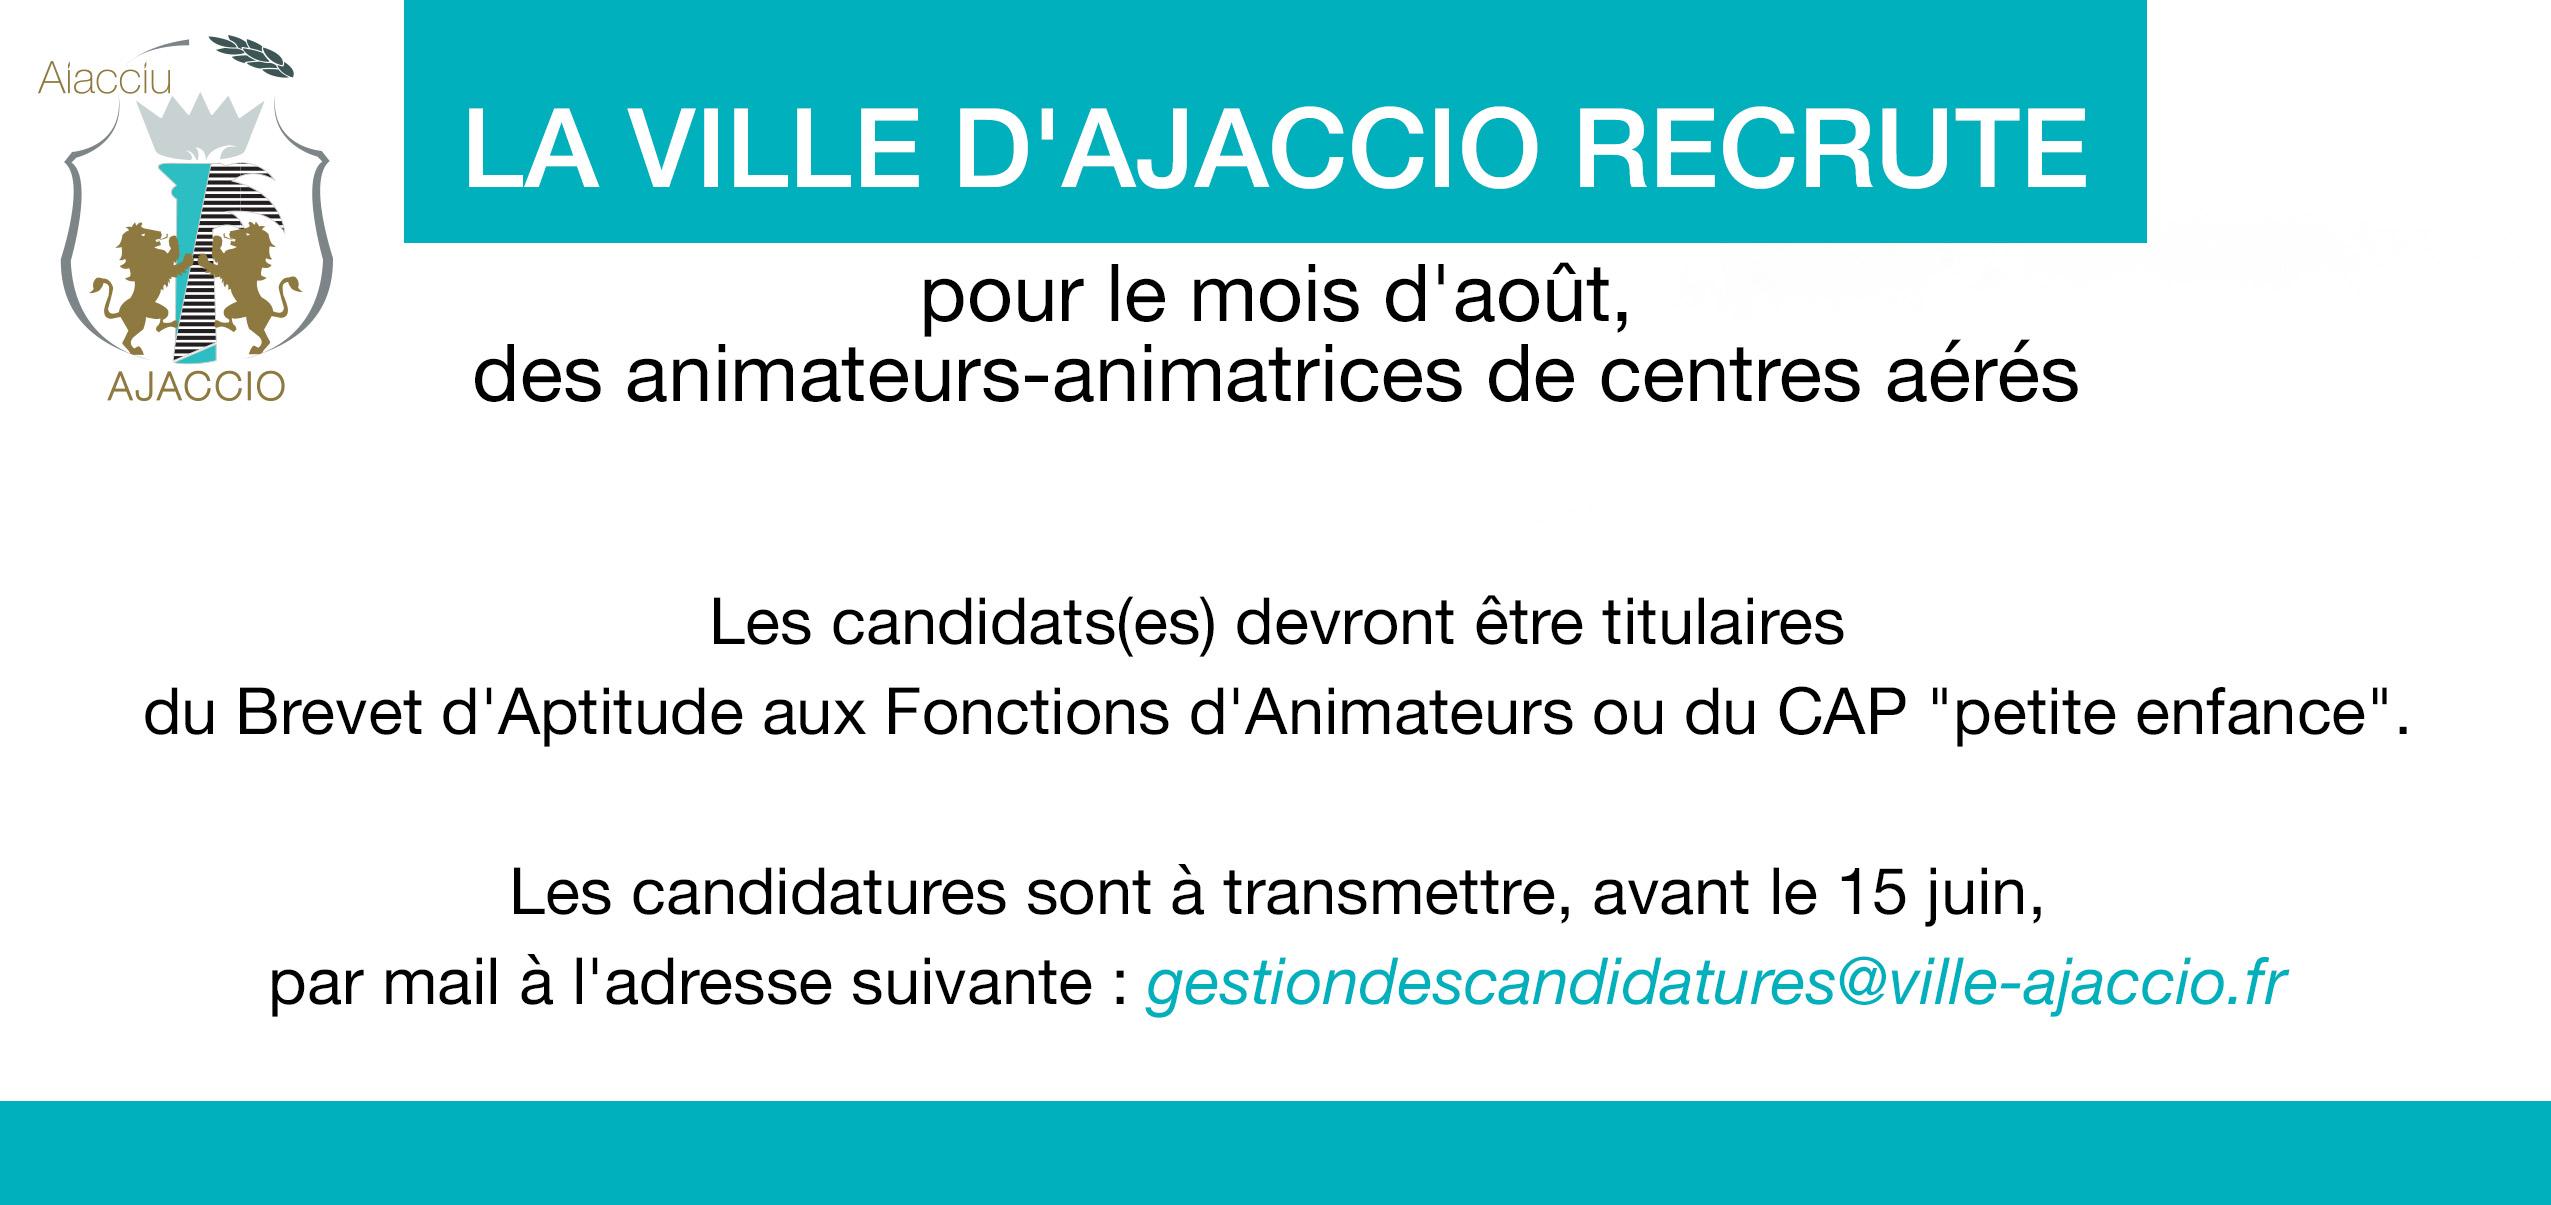 La Ville d'Ajaccio Recrute des animateurs et animatrices de centres aérés pour le mois d'août